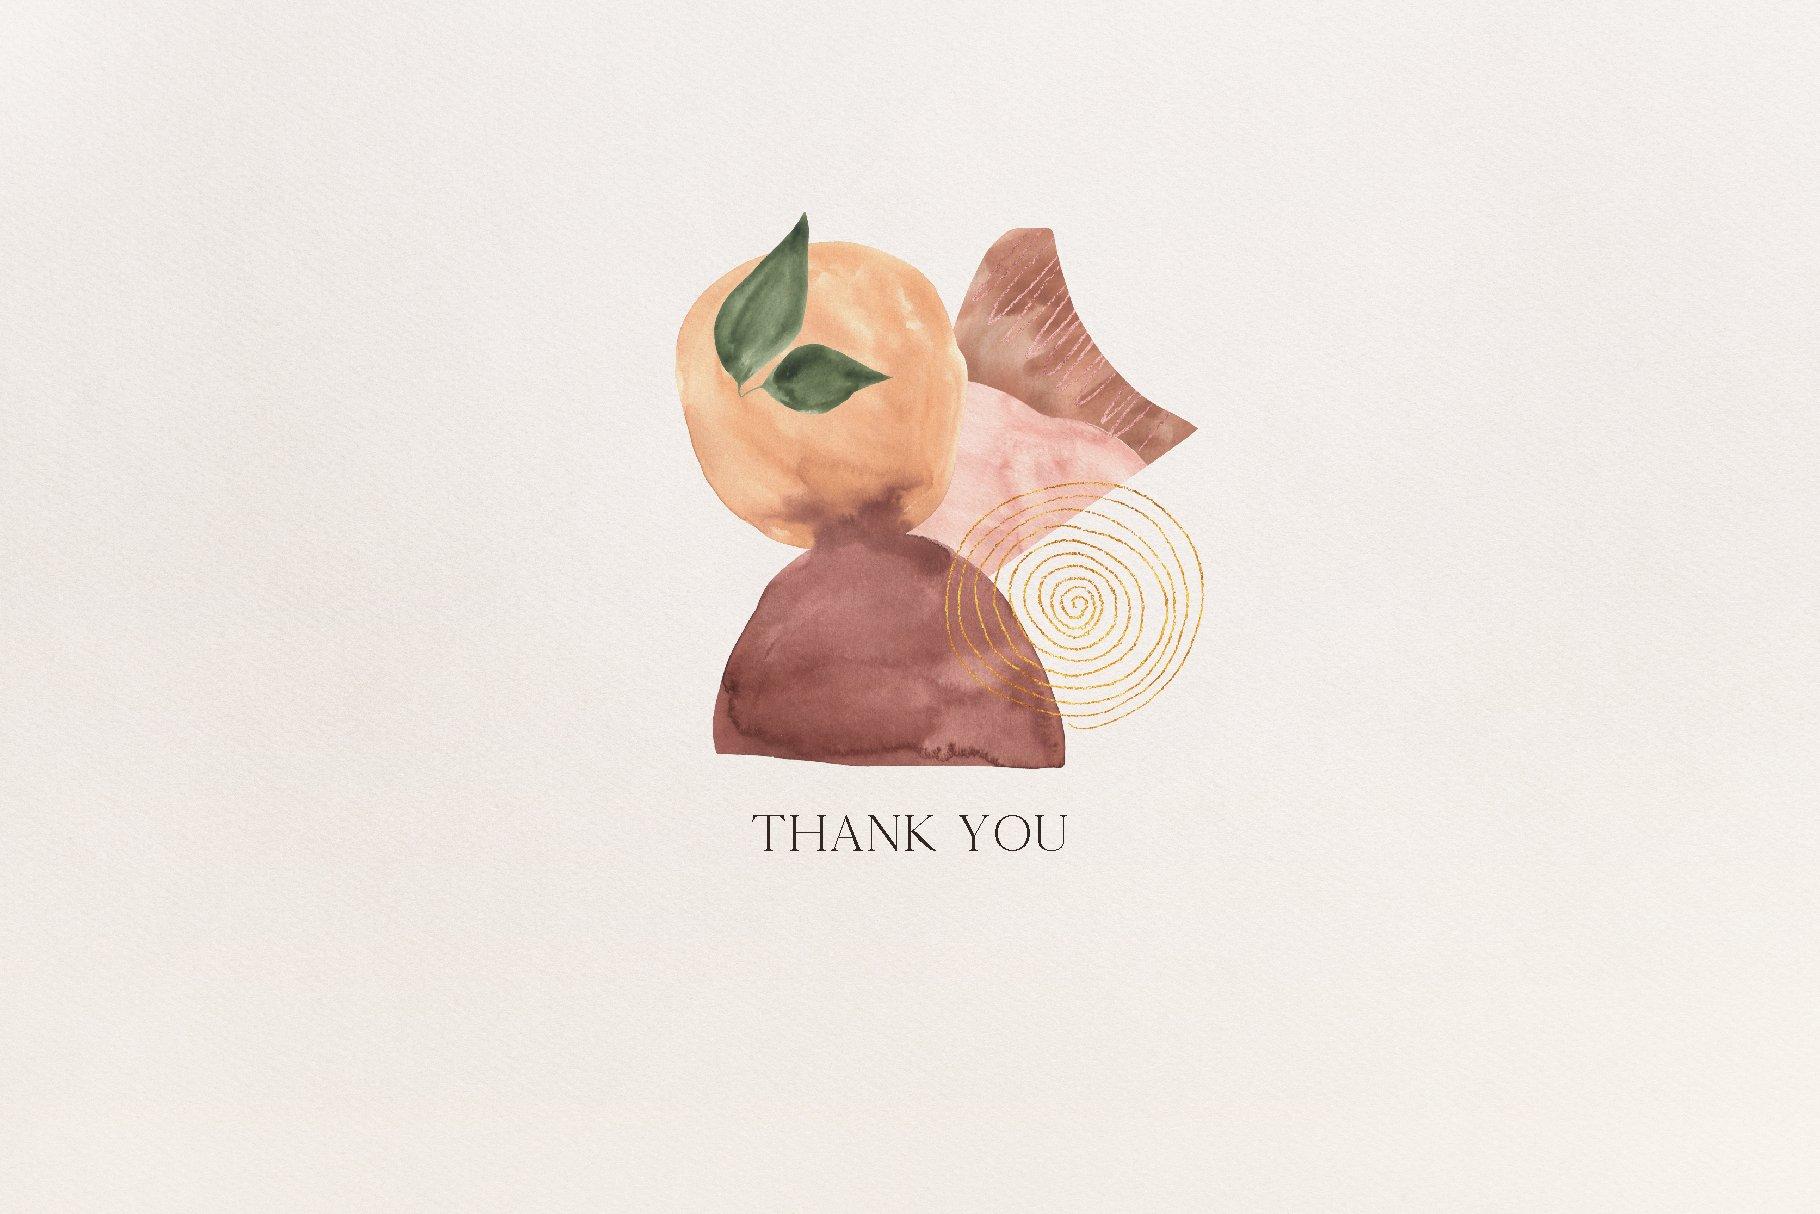 现代抽象水彩手绘植物花卉图案插画PNG免扣图片素材 Abstract Modern Watercolor Bundle插图(14)